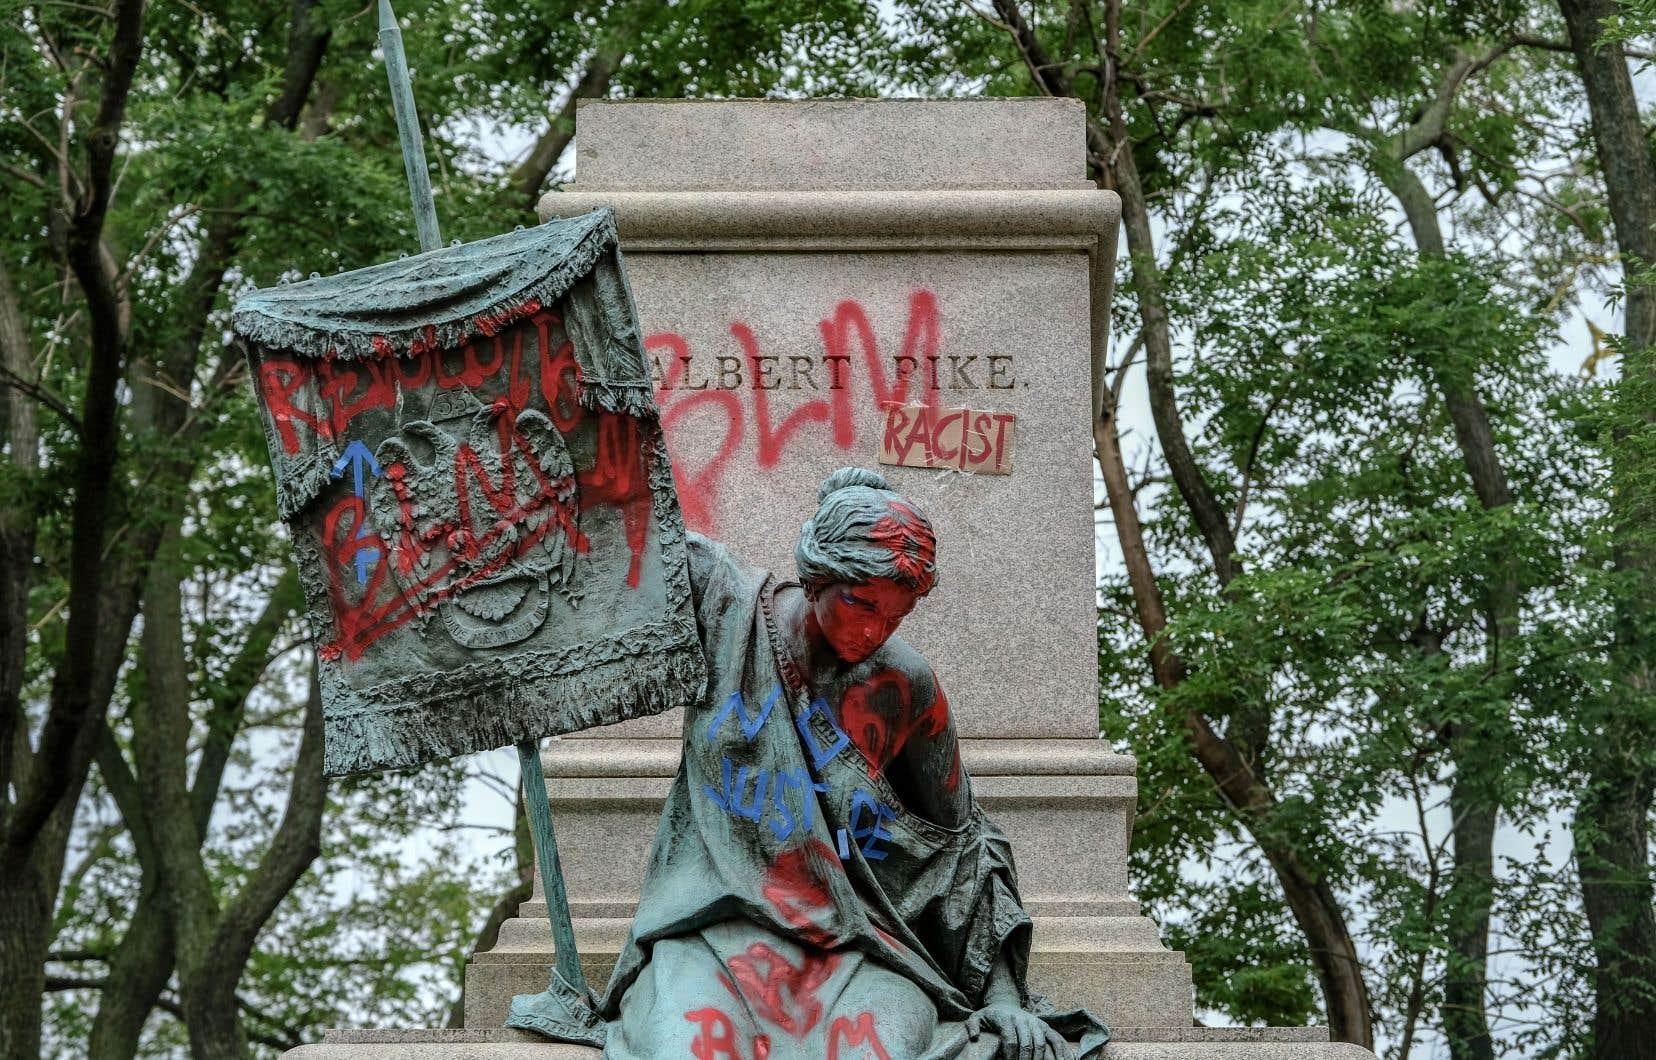 Plusieurs statues ont récemment été recouvertes de graffitis, vandalisées et même mises à terre dans le cadre des manifestations antiracistes qui ont déferlé sur le pays depuis la mort de George Floyd aux mains d'un policier blanc.